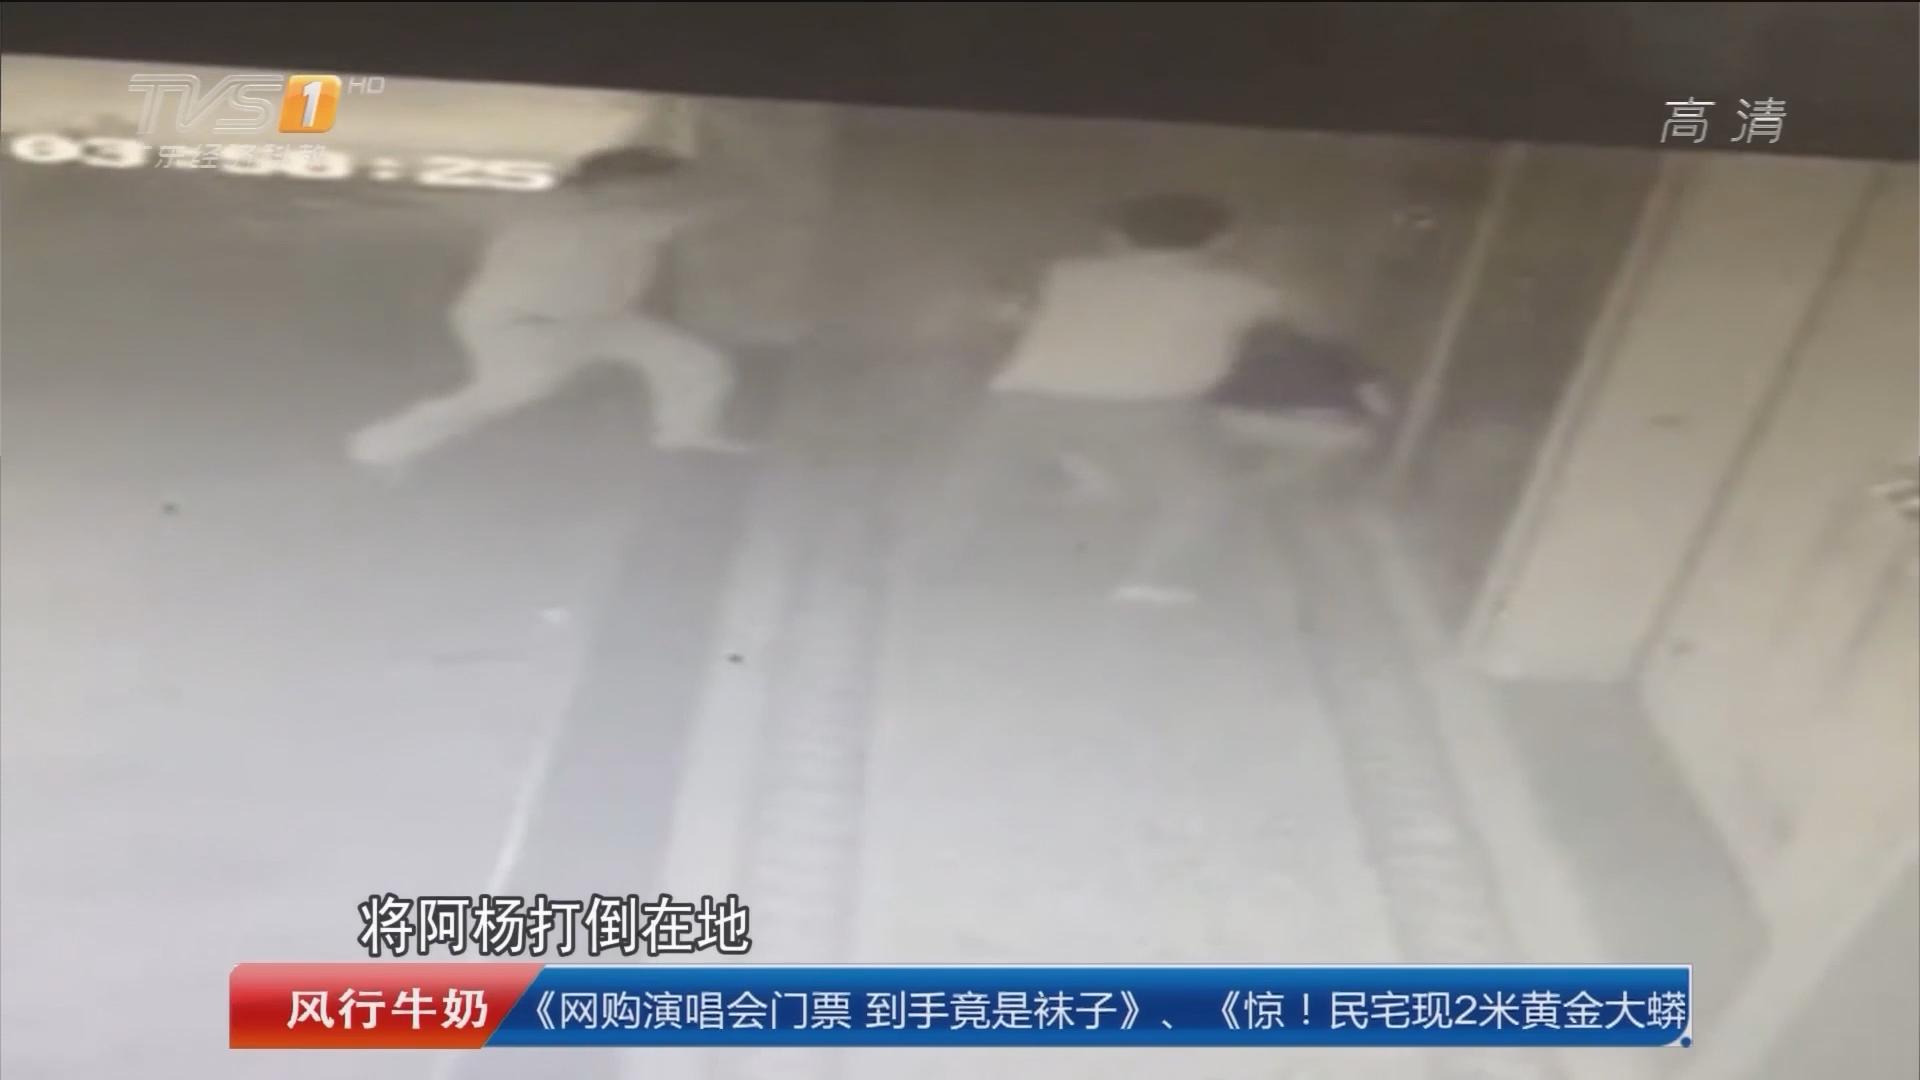 揭阳普宁:频繁骚扰前妻结怨 被打致重伤